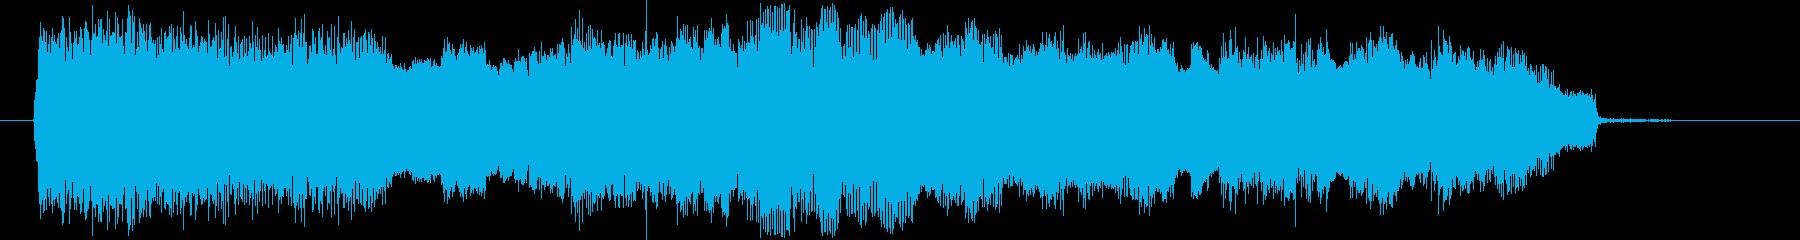 フィクション 電力装置 歪み02の再生済みの波形